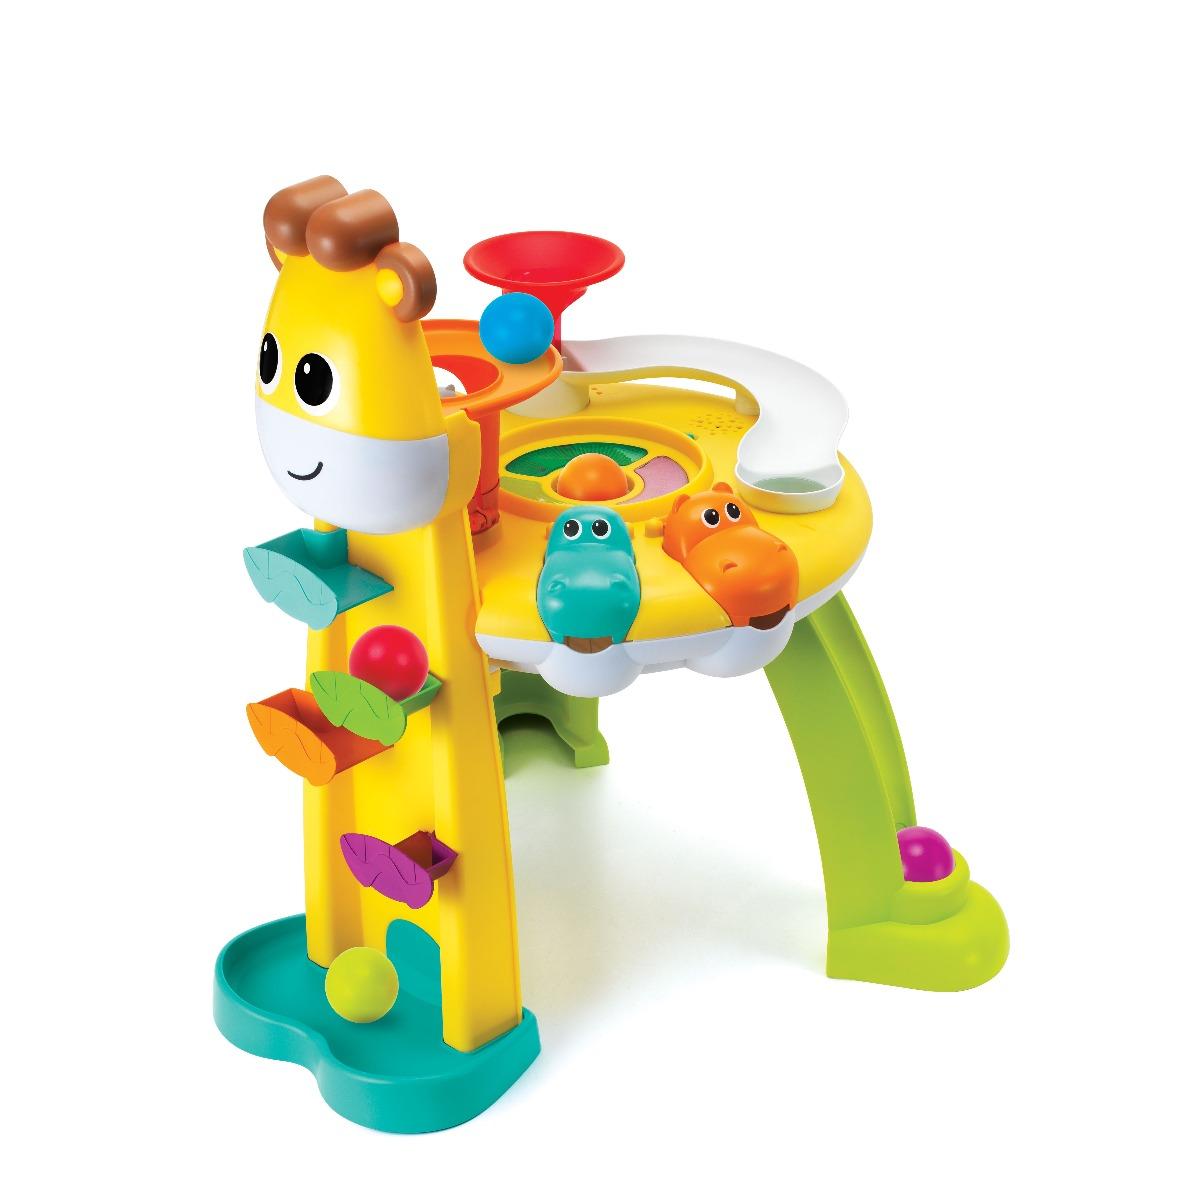 Jucarie bebelusi B Kids. Statie de distractie Girafa